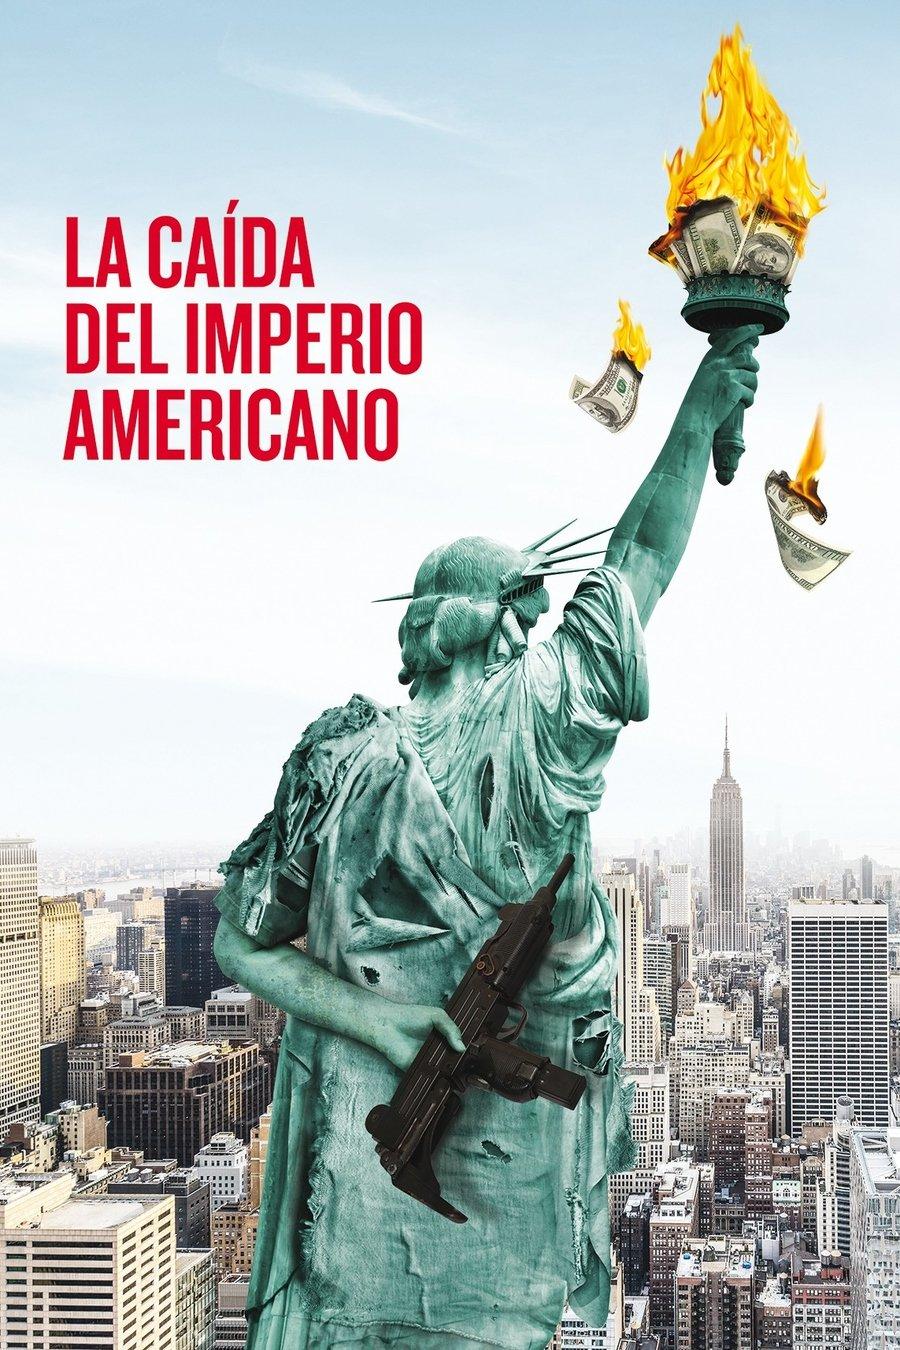 La caiguda de l'imperi americà